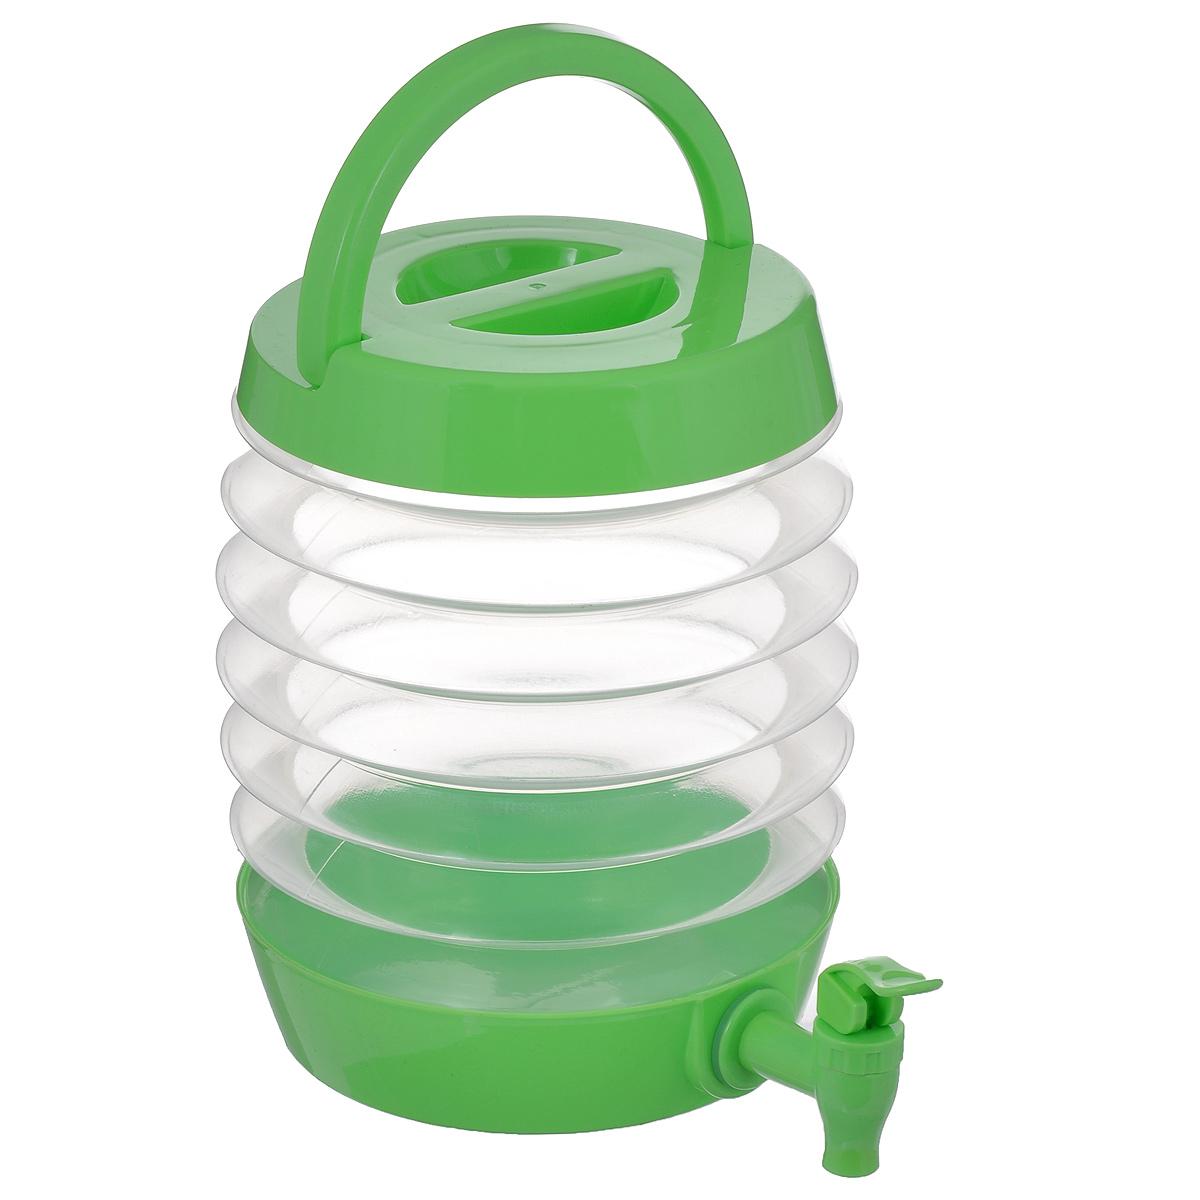 Емкость для напитков Bradex Бочонок, с дозатором, 3,5 лNBP-1000-CЕмкость для напитков Bradex Бочонок изготовлена из полипропилена, который выдерживает температуру до 120°С. Это прочный, износостойкий и абсолютно безопасный для здоровья материал. Дозатор, закрепленный на дне Бочонка, поможет вам не пролить ни капли мимо стакана, даже когда веселье в самом разгаре. Емкость вмещает в себя до 3,5 л. После использования сложите бочонок, его объемы уменьшатся на 50%, поэтому он не займет много места у вас на кухне или в рюкзаке. Бочонок - самый лучший выбор для пикников, вечеринок и походов.